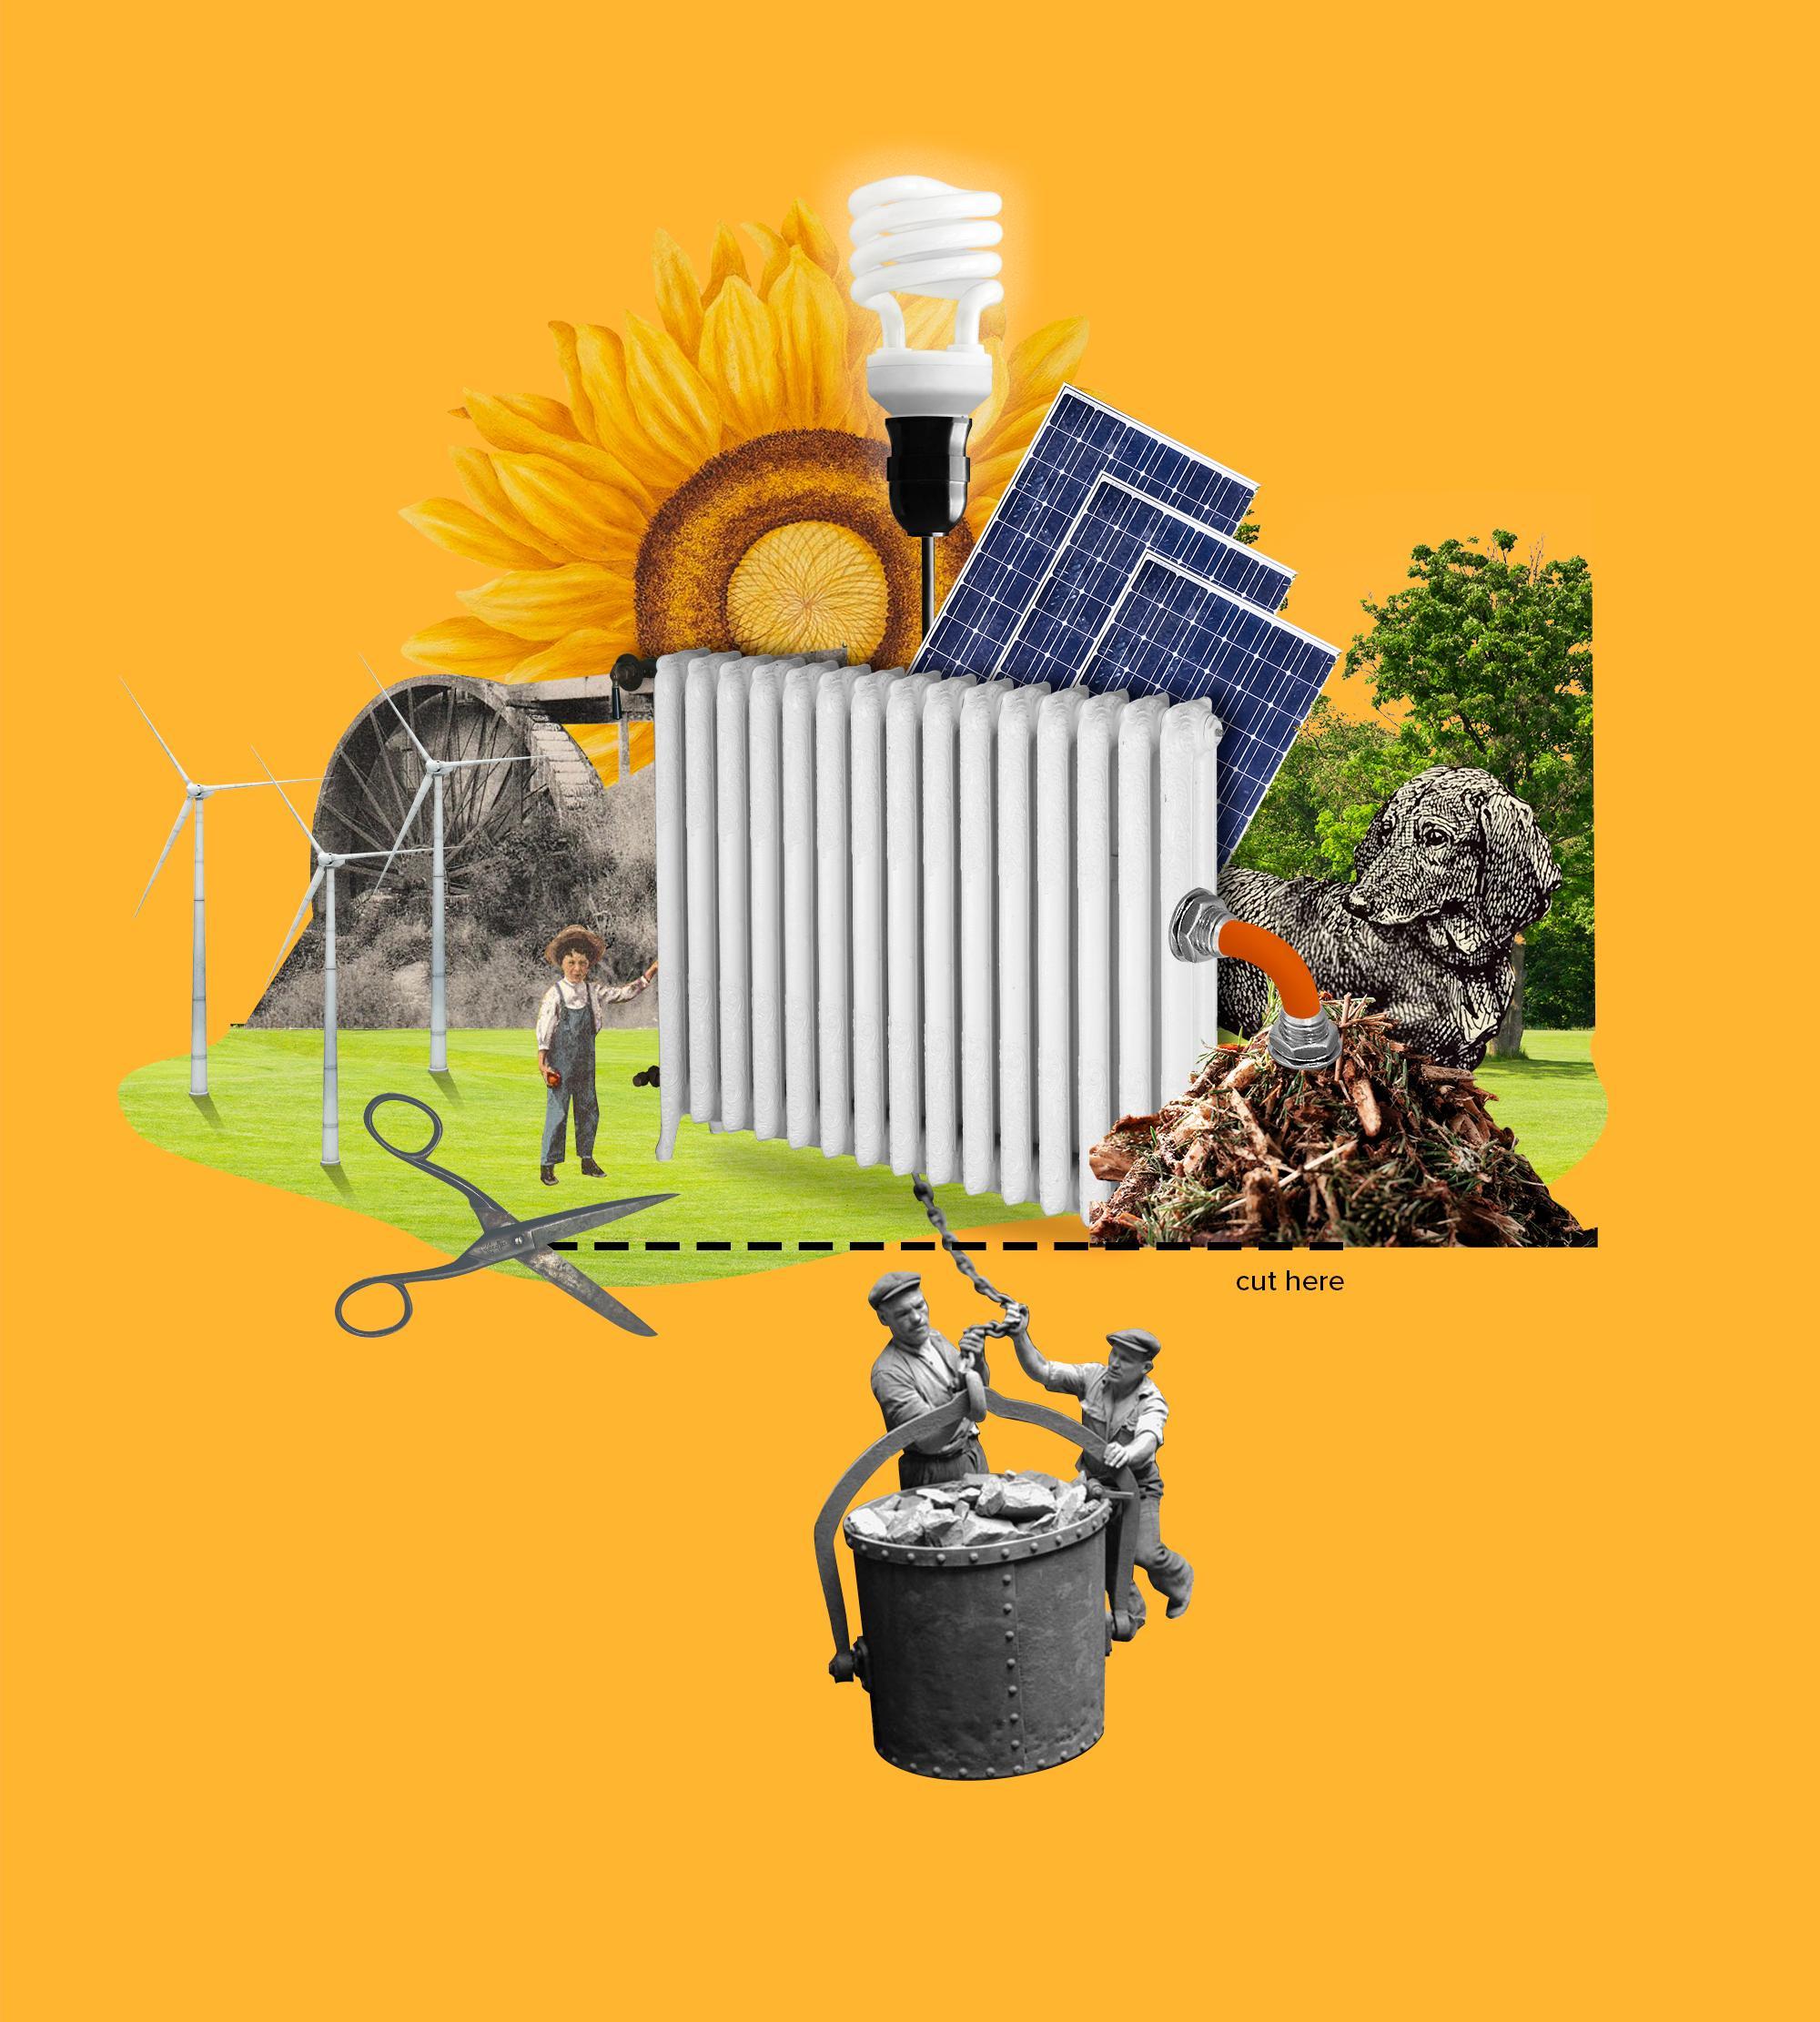 Aurinkopaneeleja, tuulimyllyjä, lämpöpatteri, hiilisanko ja muita kuvia kollaasikuvaksi koottuna.